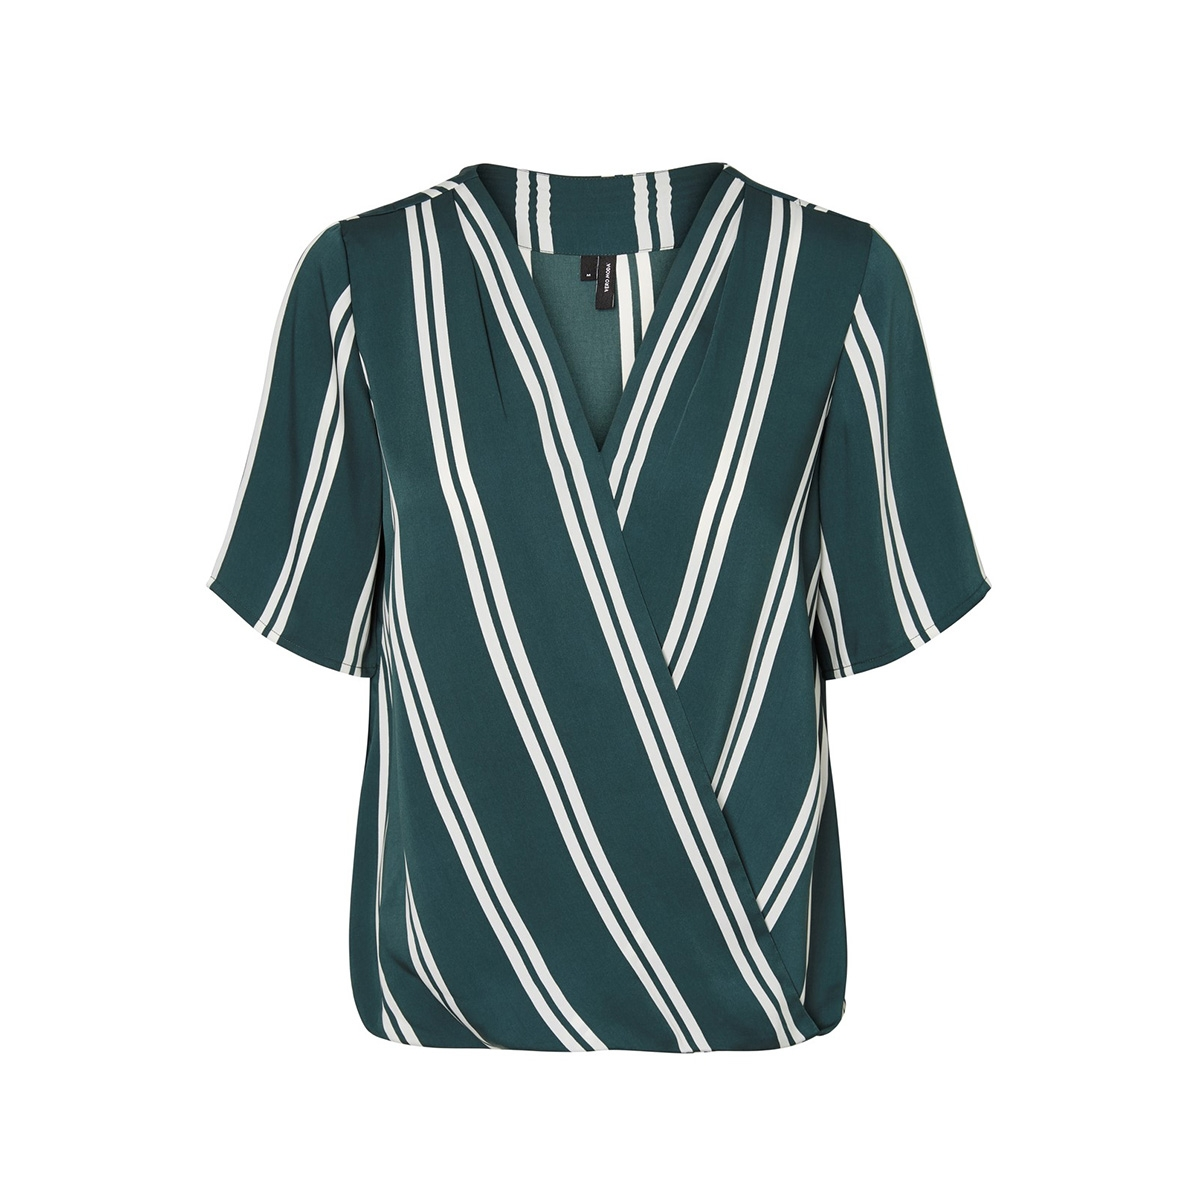 vmdalion v-neck 2/4 top sb8 10212592 vero moda t-shirt ponderosa pine